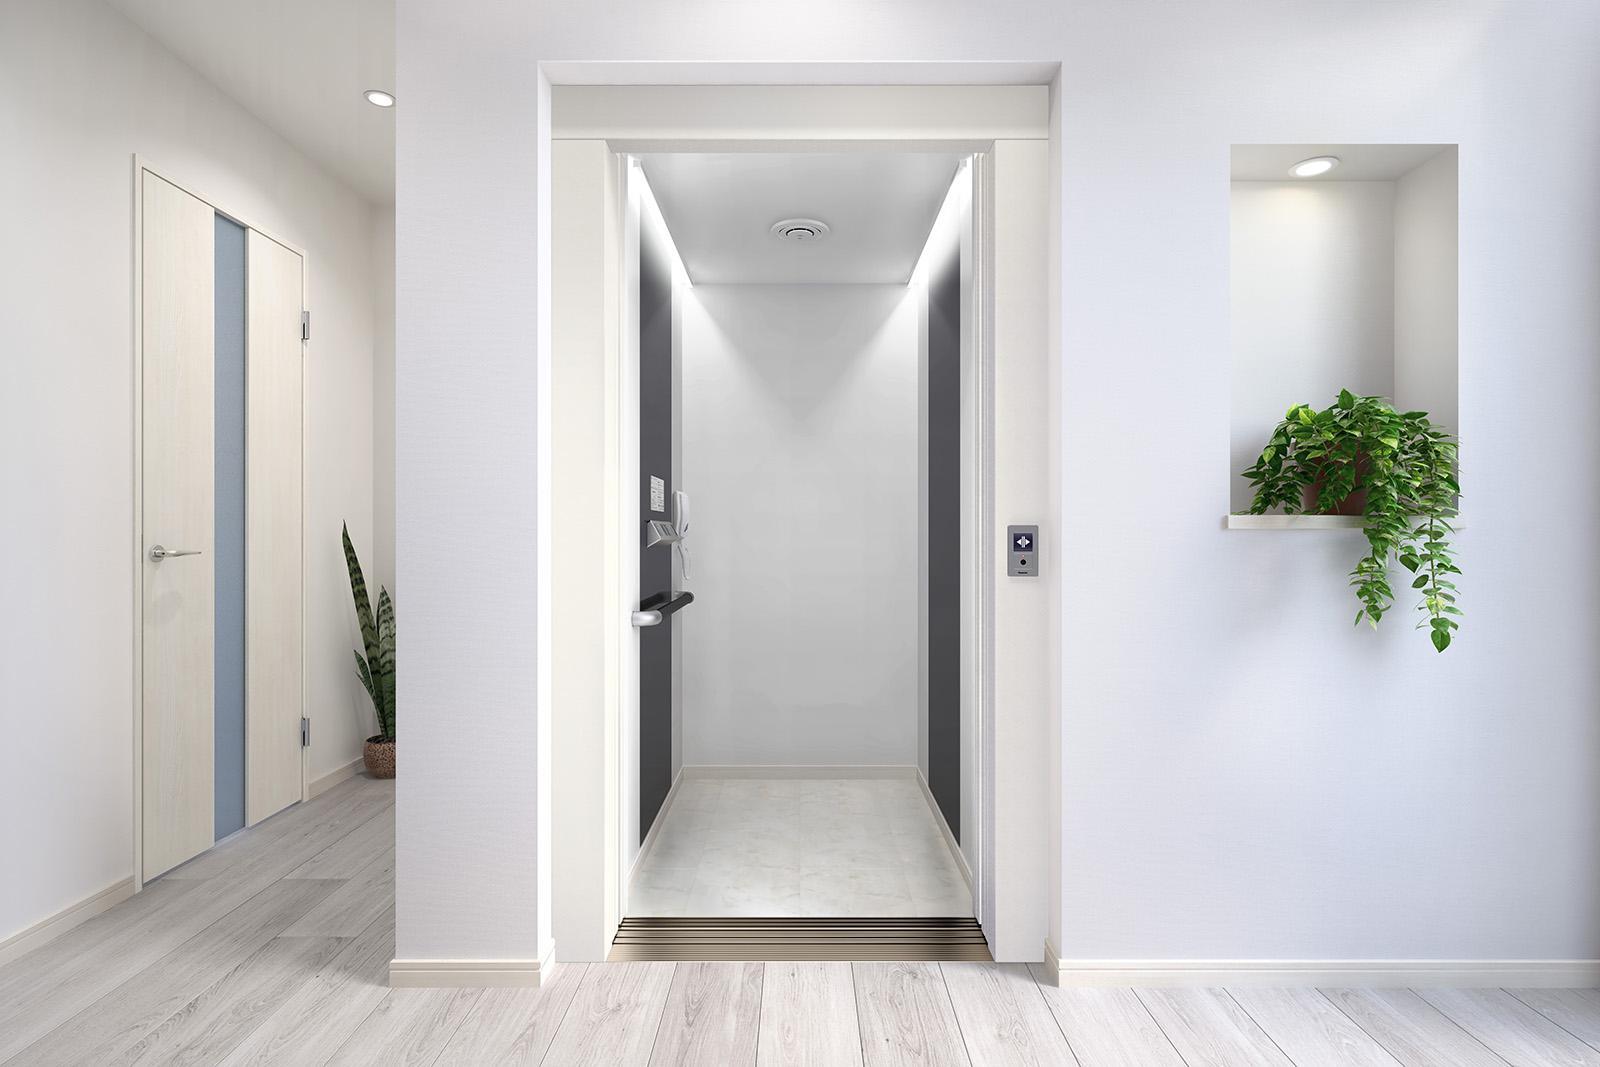 パナソニックエレベーター、間接照明で居心地にこだわり